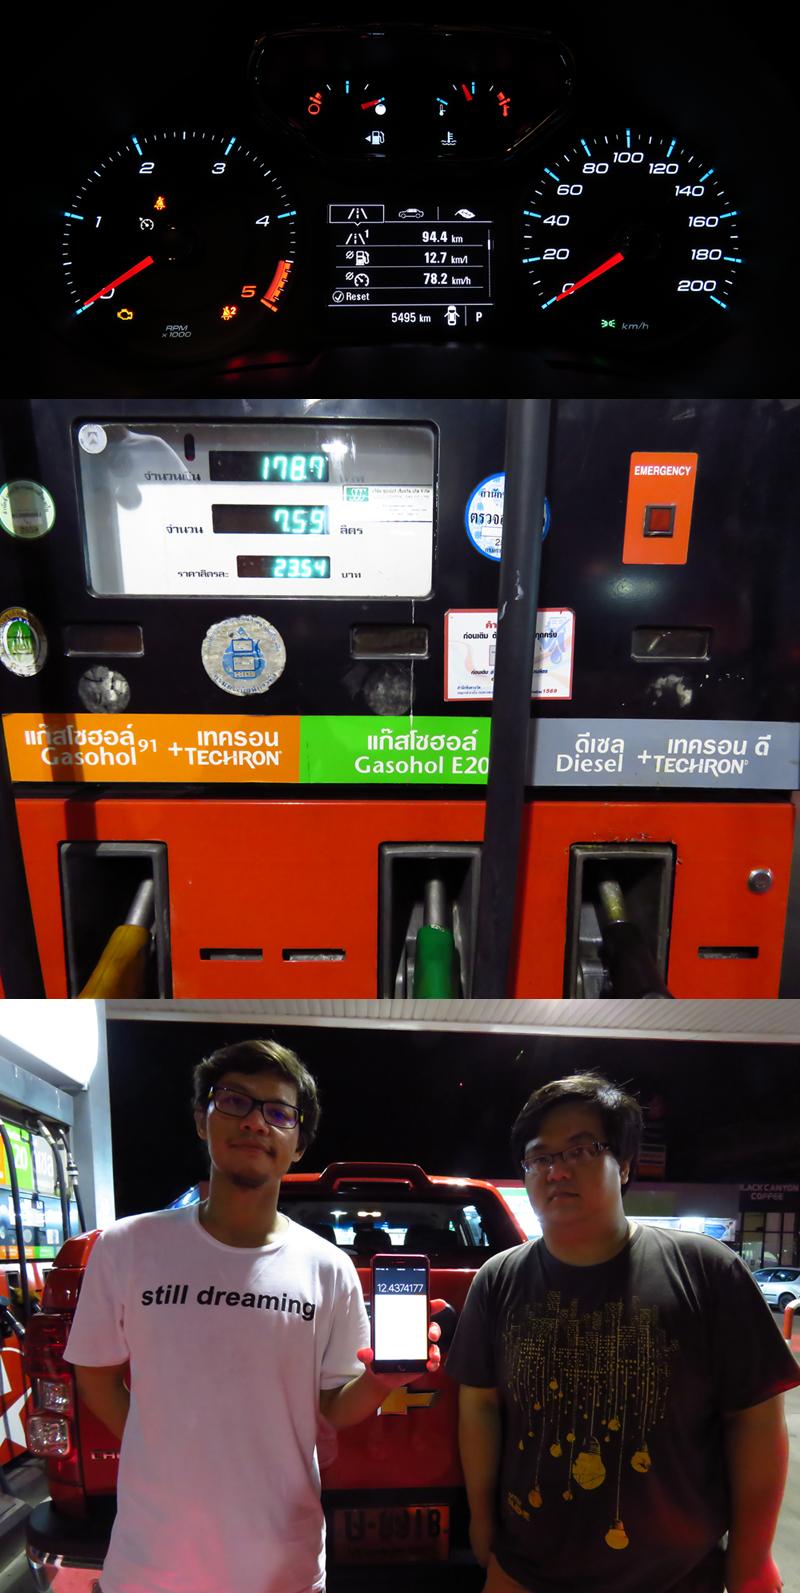 2016_07_28_Chevrolet_Colorado_Minorchange_Fuel_Consumption_04